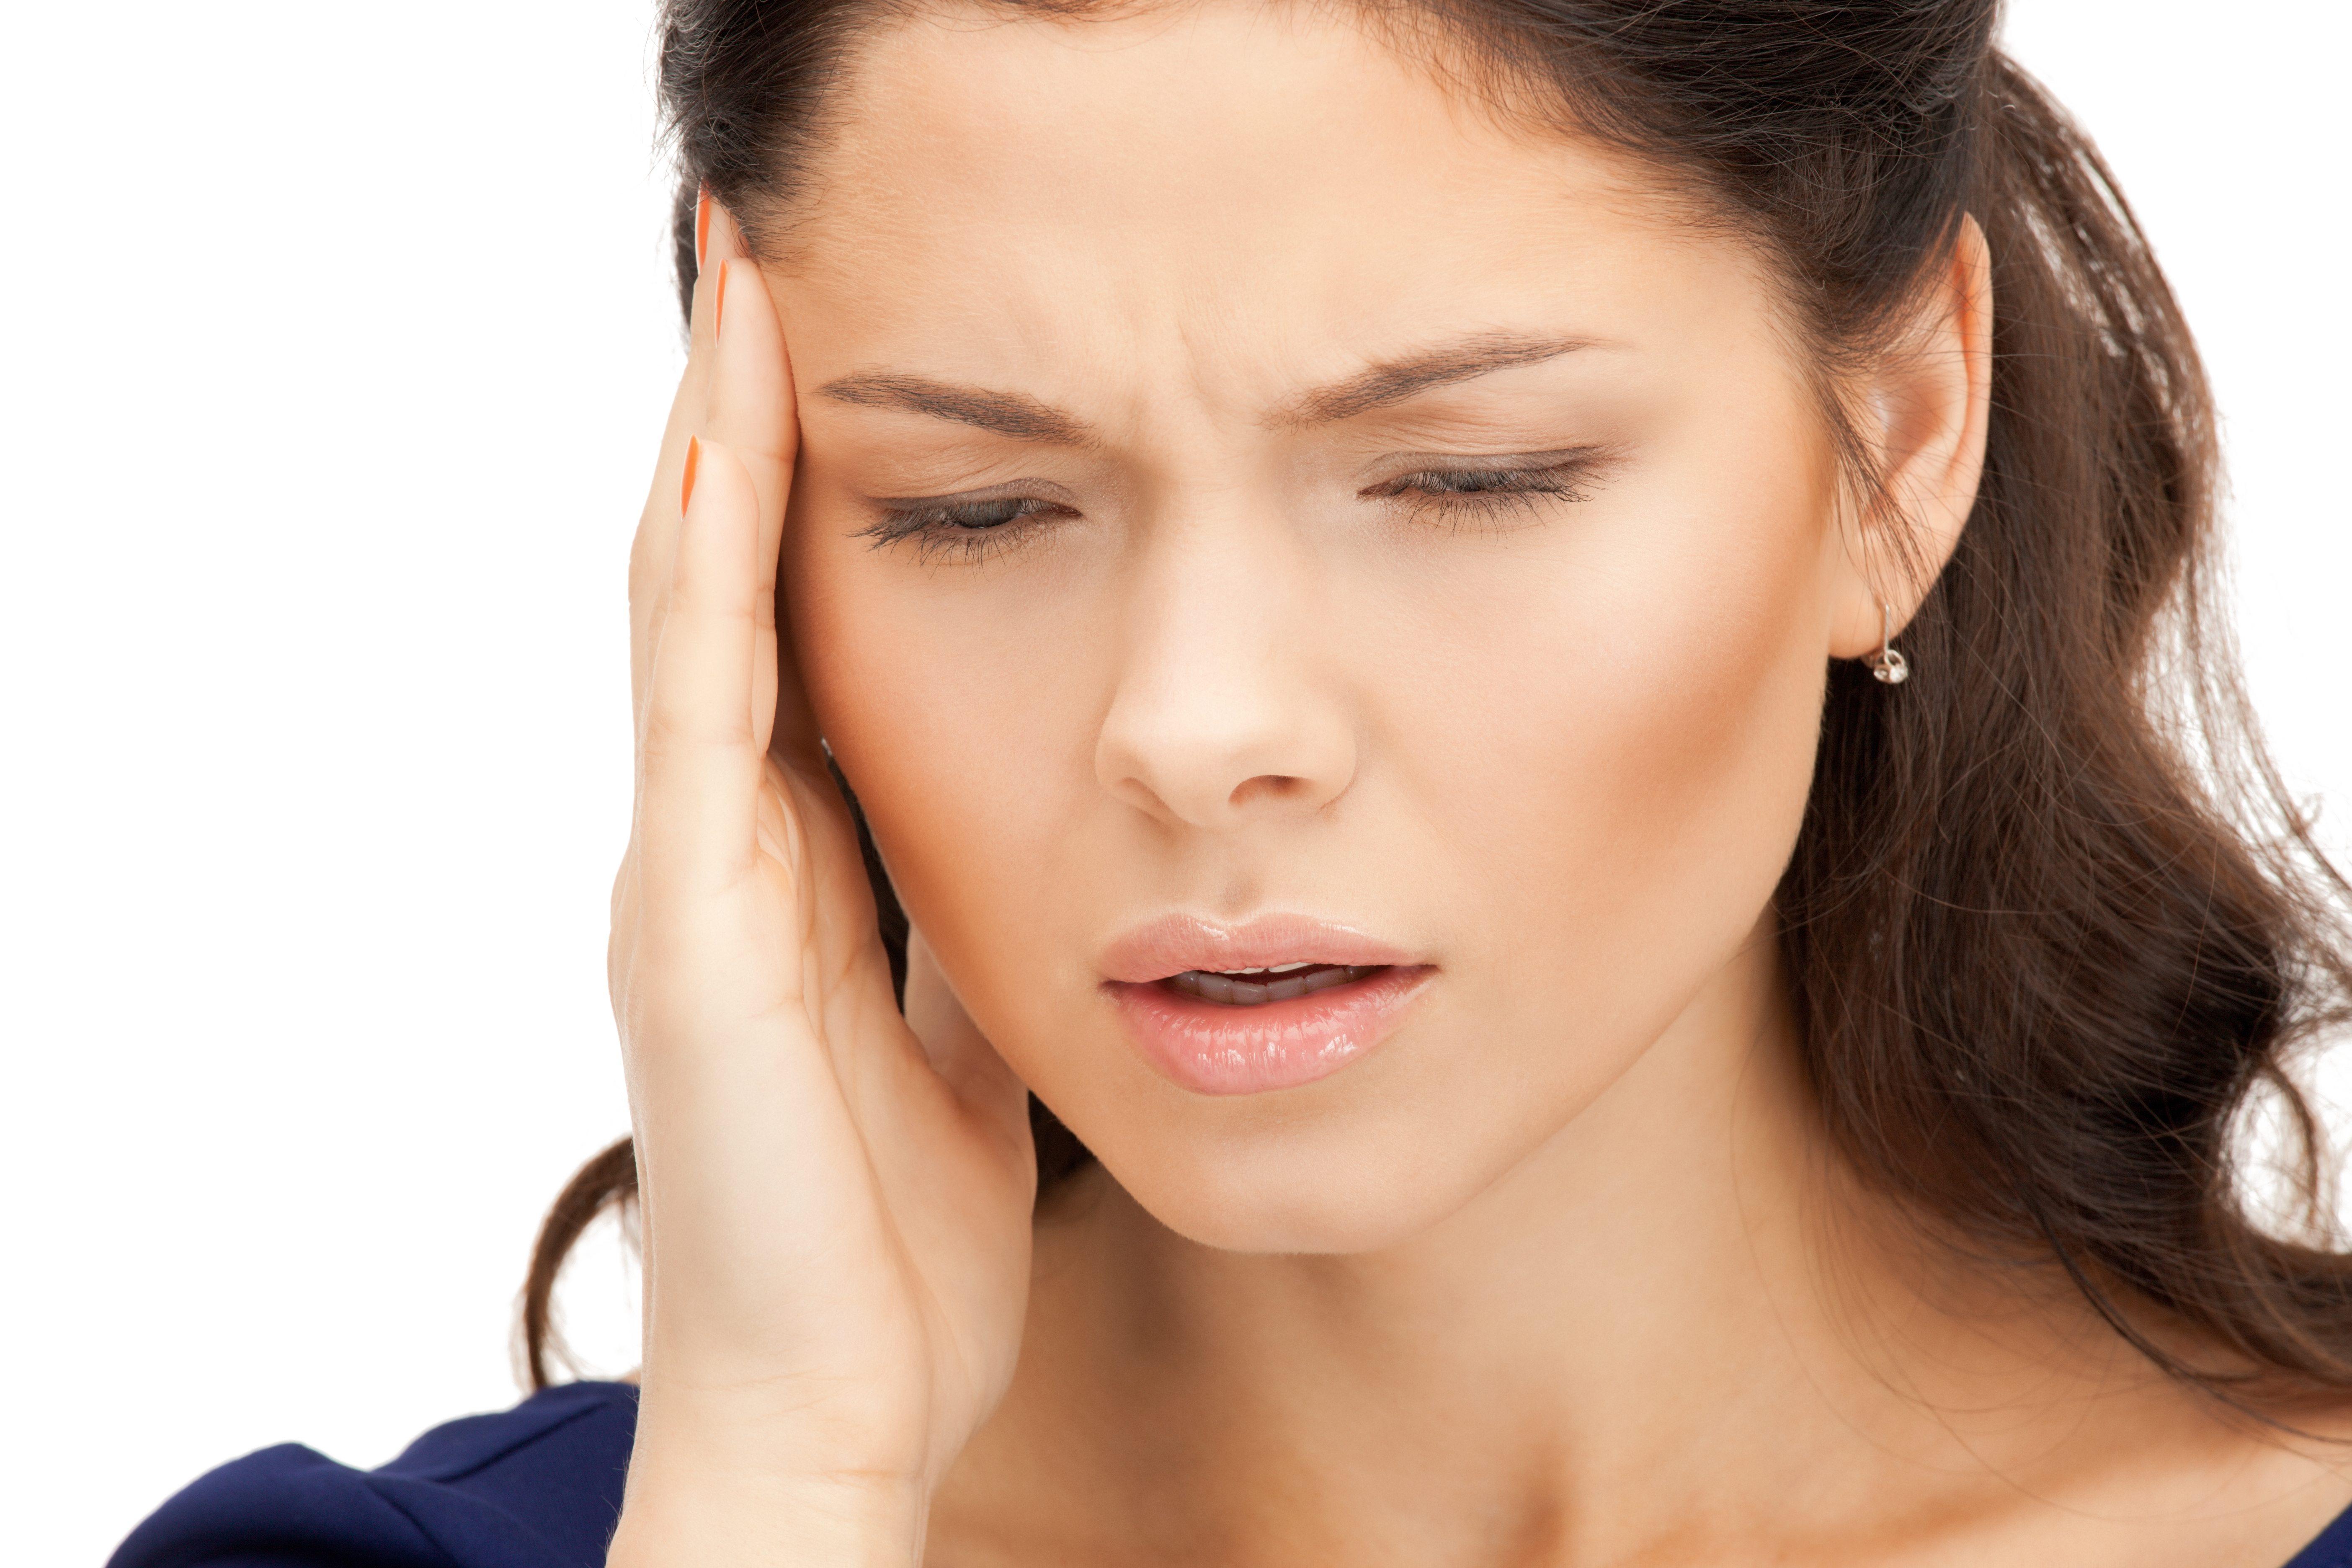 Невралгия тройничного нерва симптомы и лечение физиотерапия